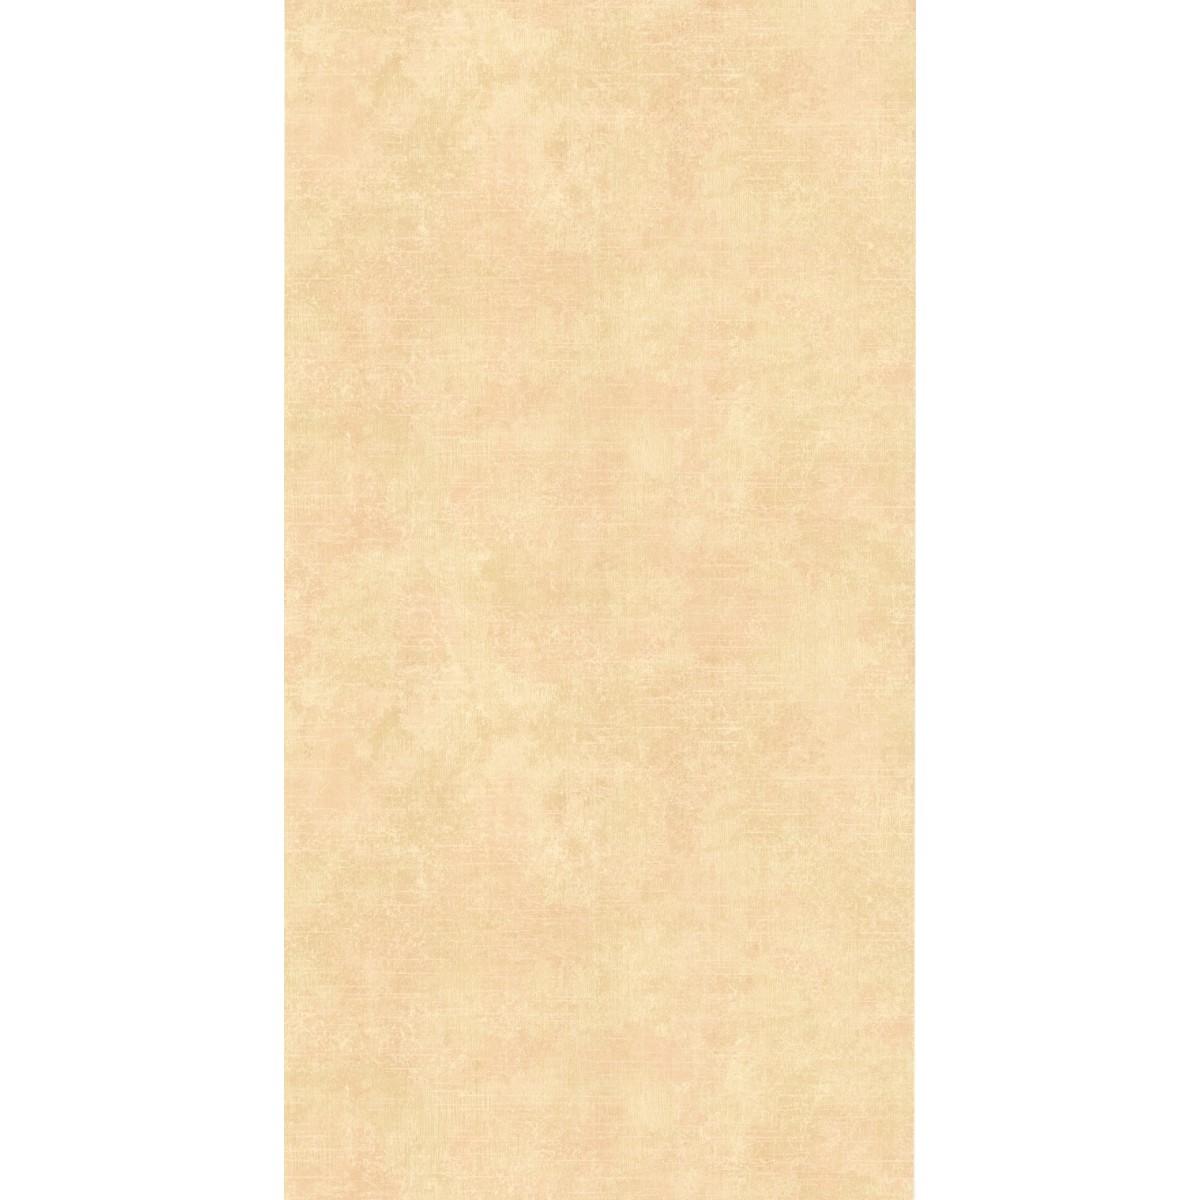 Обои виниловые Chelsea Decor Wallpapers Bramhall CD001362 0.52 м